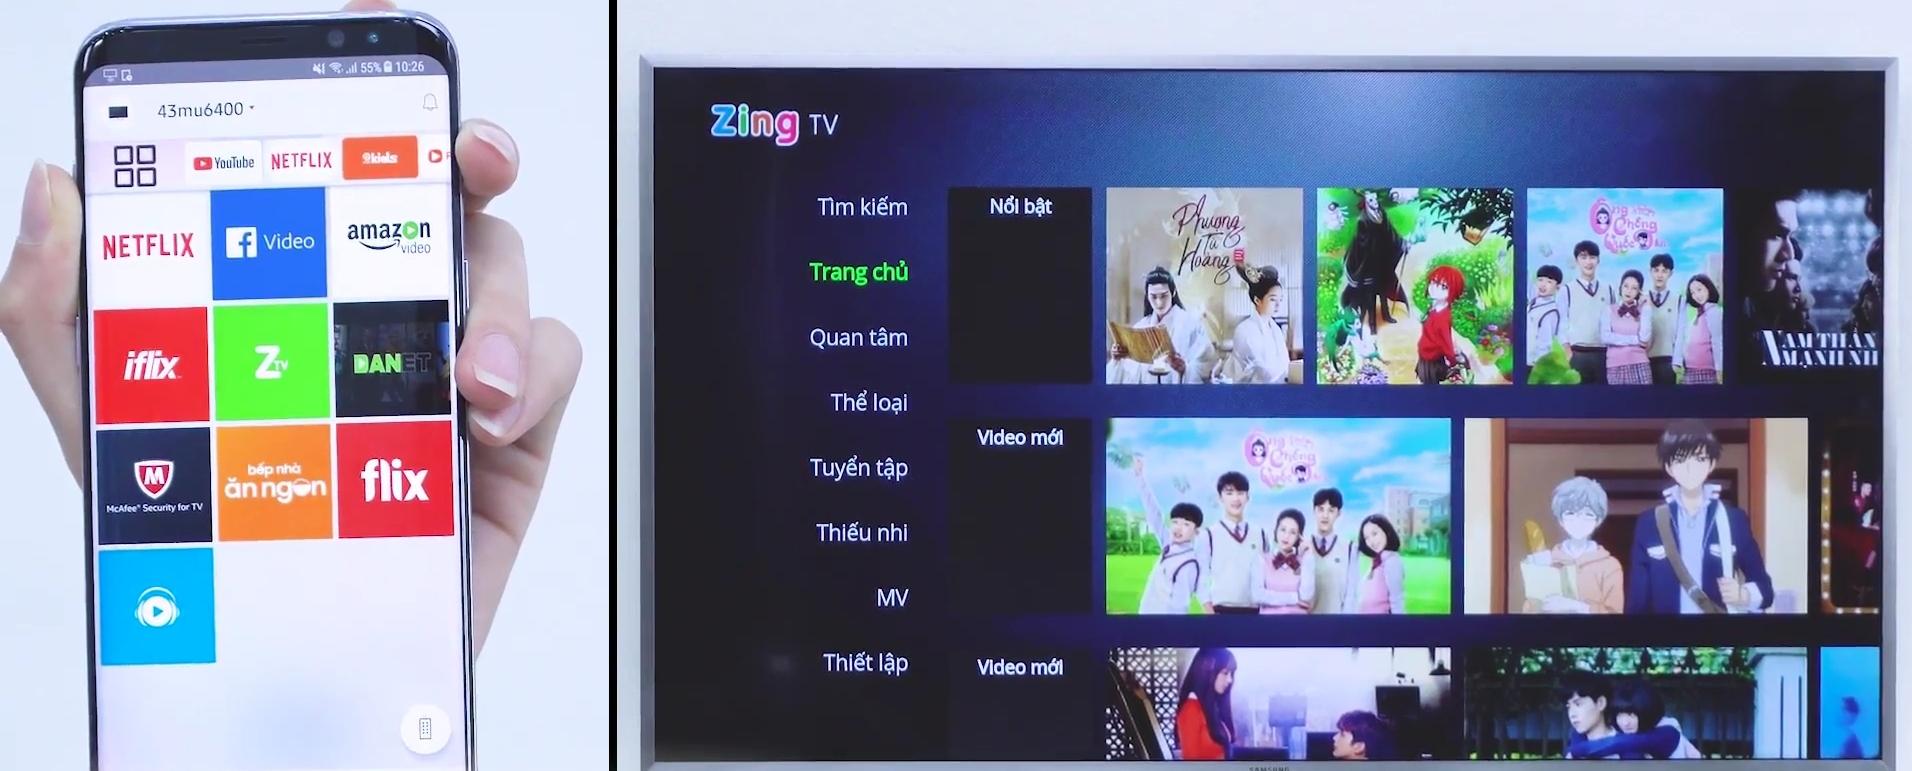 Điều khiển Tivi Samsung bằng ứng dụng Smart View